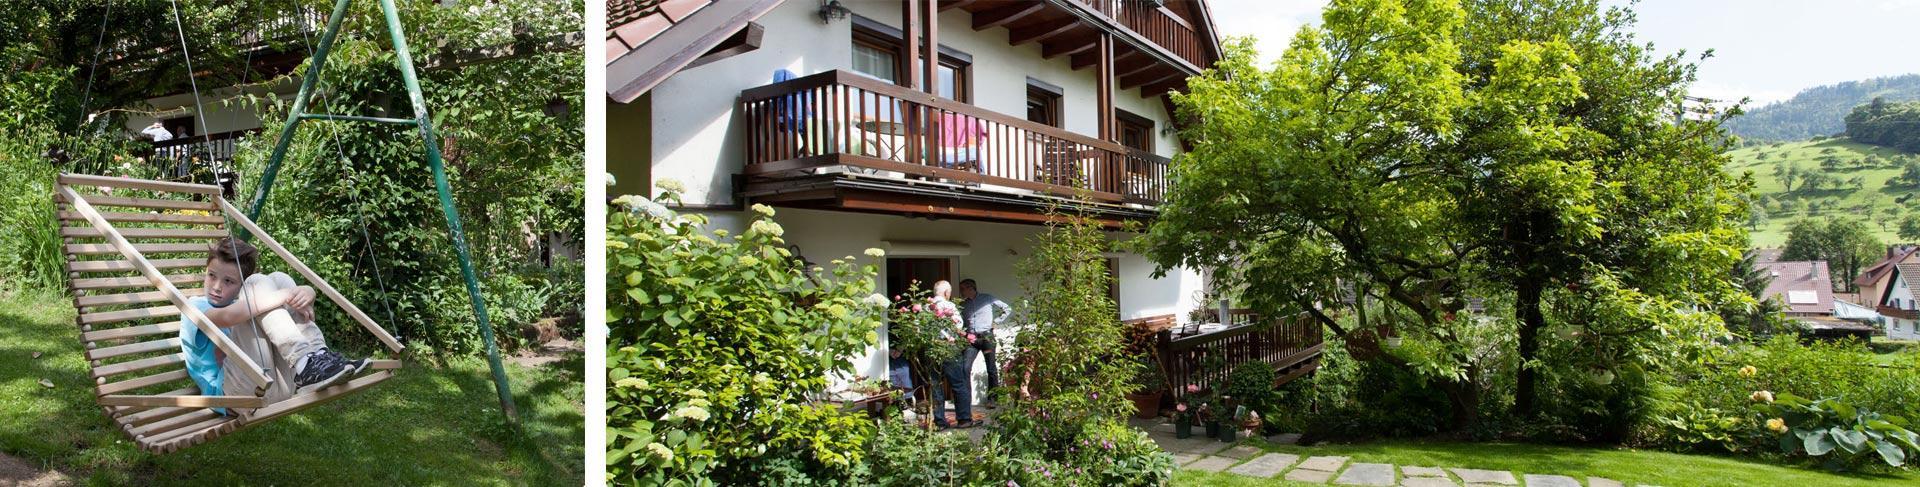 Der Roseneckgarten bietet viele Nischen zum entspannen